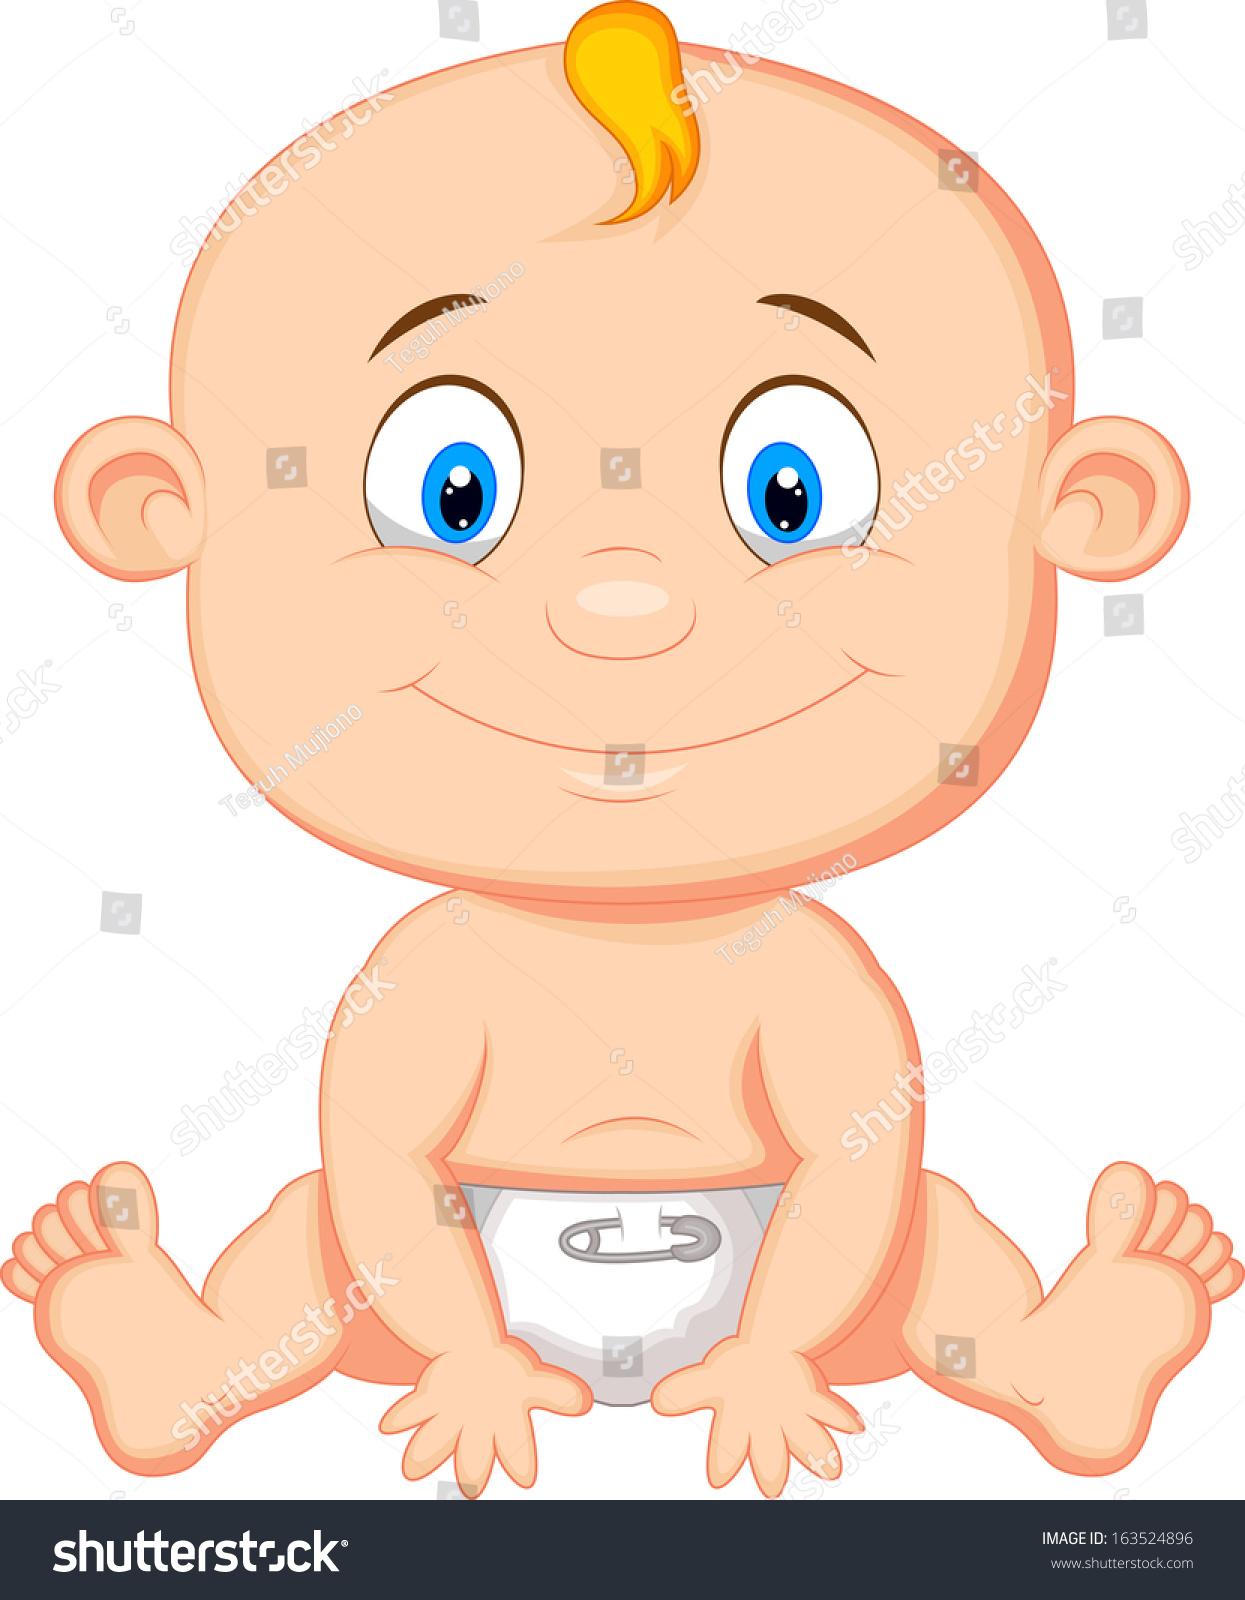 Baby Boy Cartoon Stock Vector 163524896 - Shutterstock